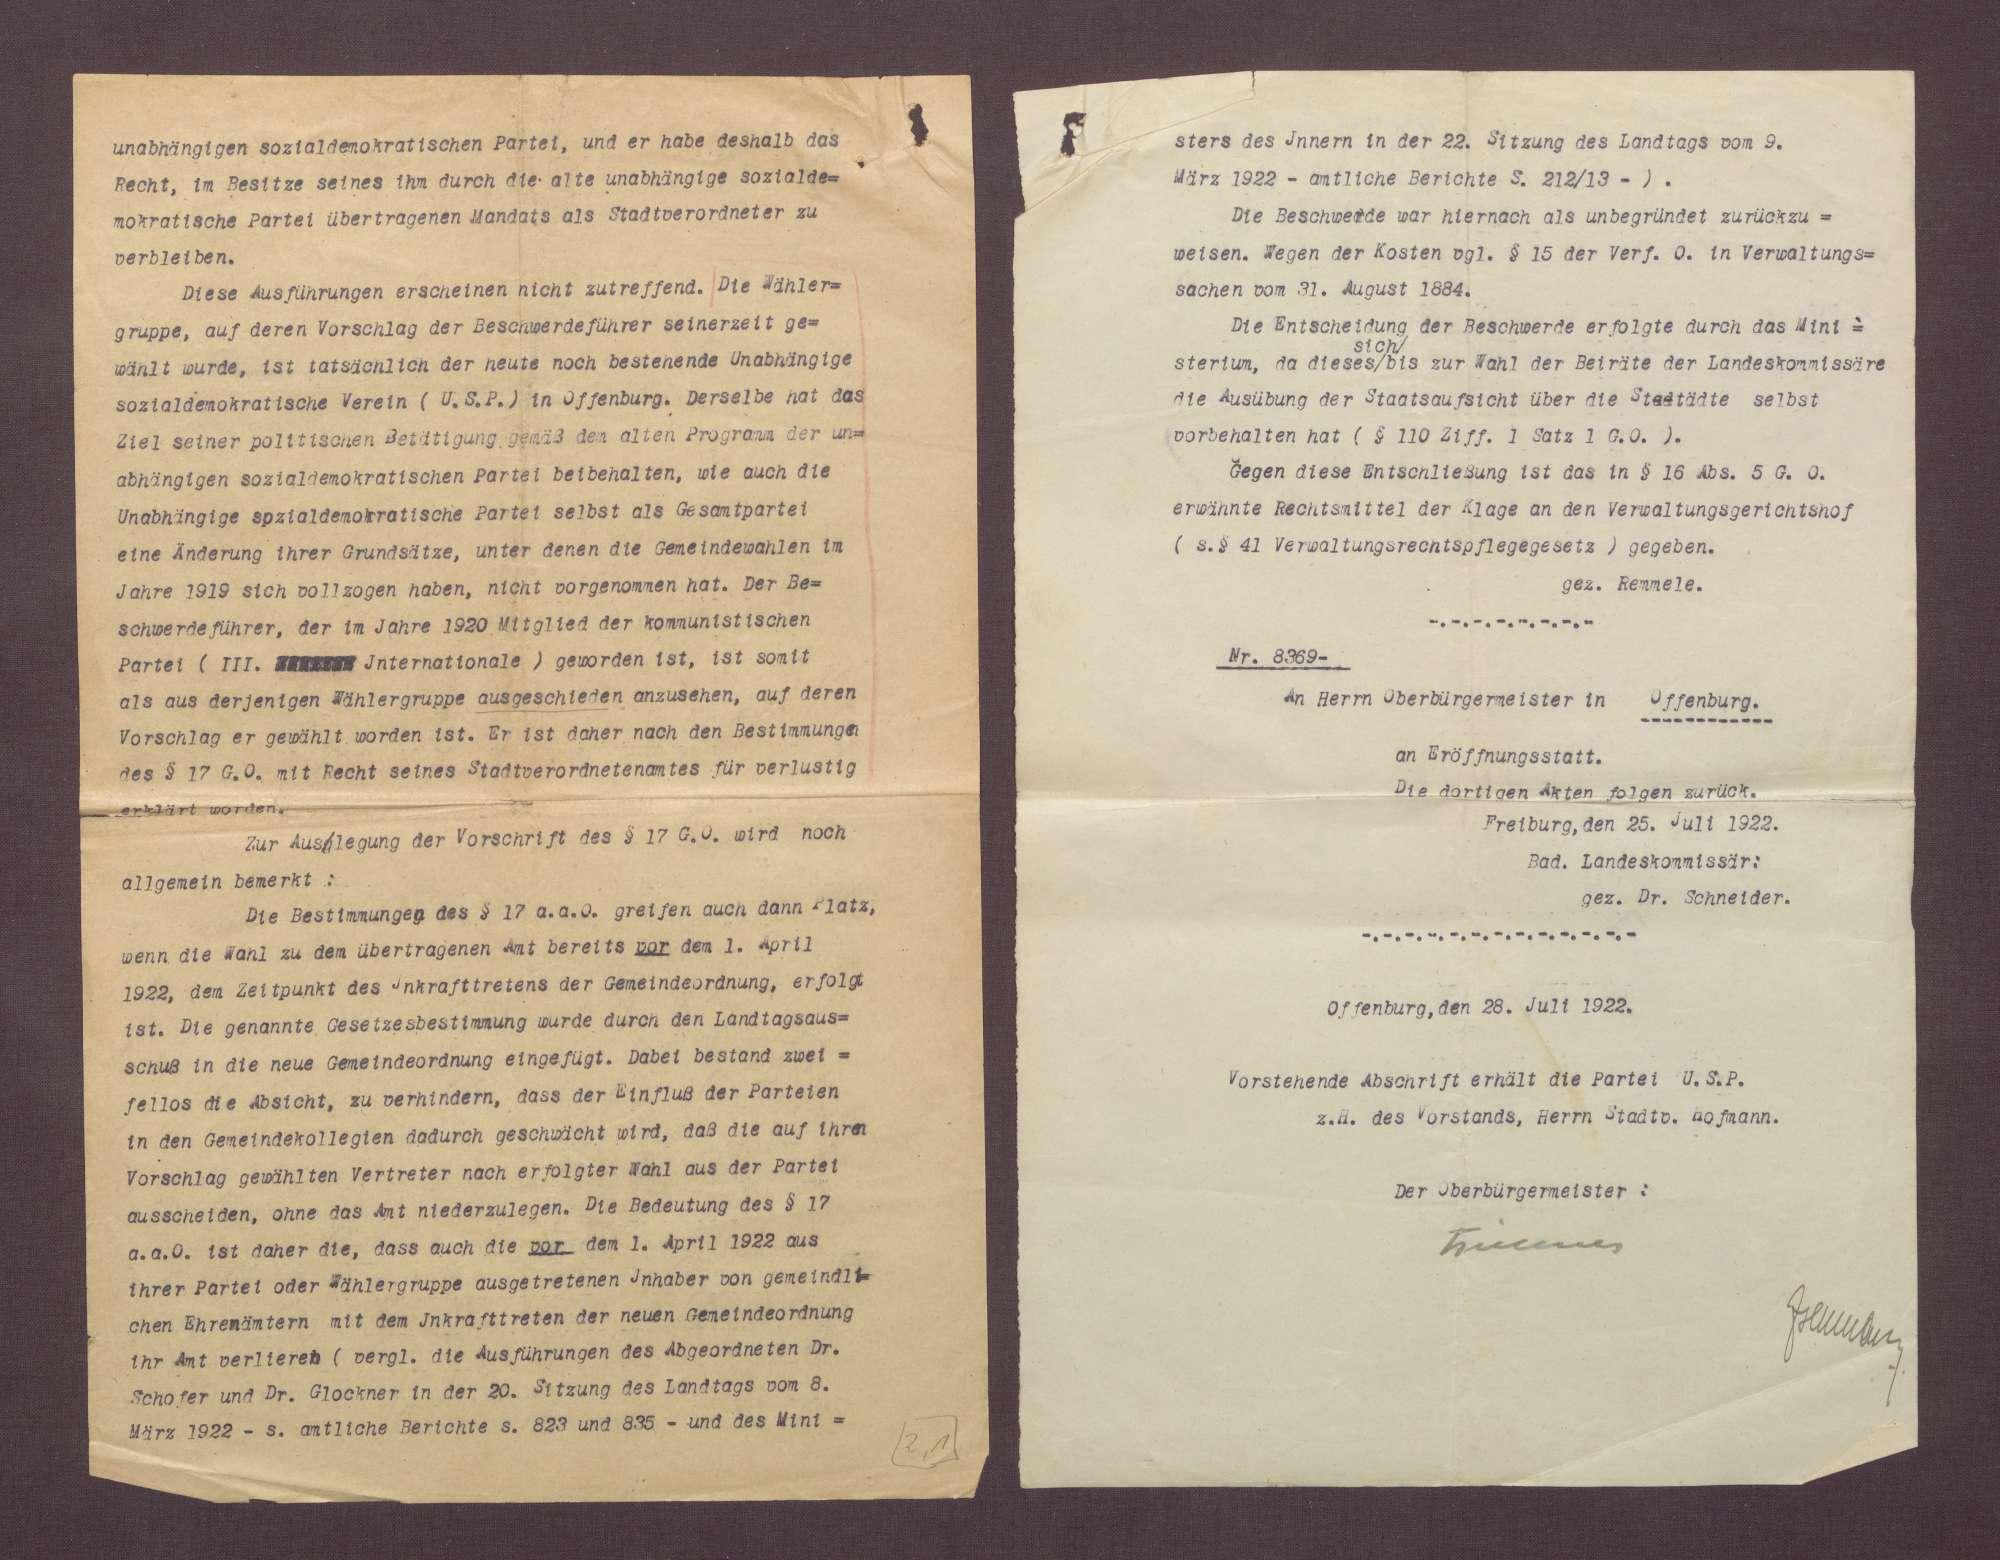 Entscheidung des Badischen Innenministeriums über die von Blotny eingereichte Beschwerde gegen den Stadtratsbeschluss (als treibende Kräfte für den Ausschluss bezeichnet Blotny Adolf und Marie Geck), Bild 2